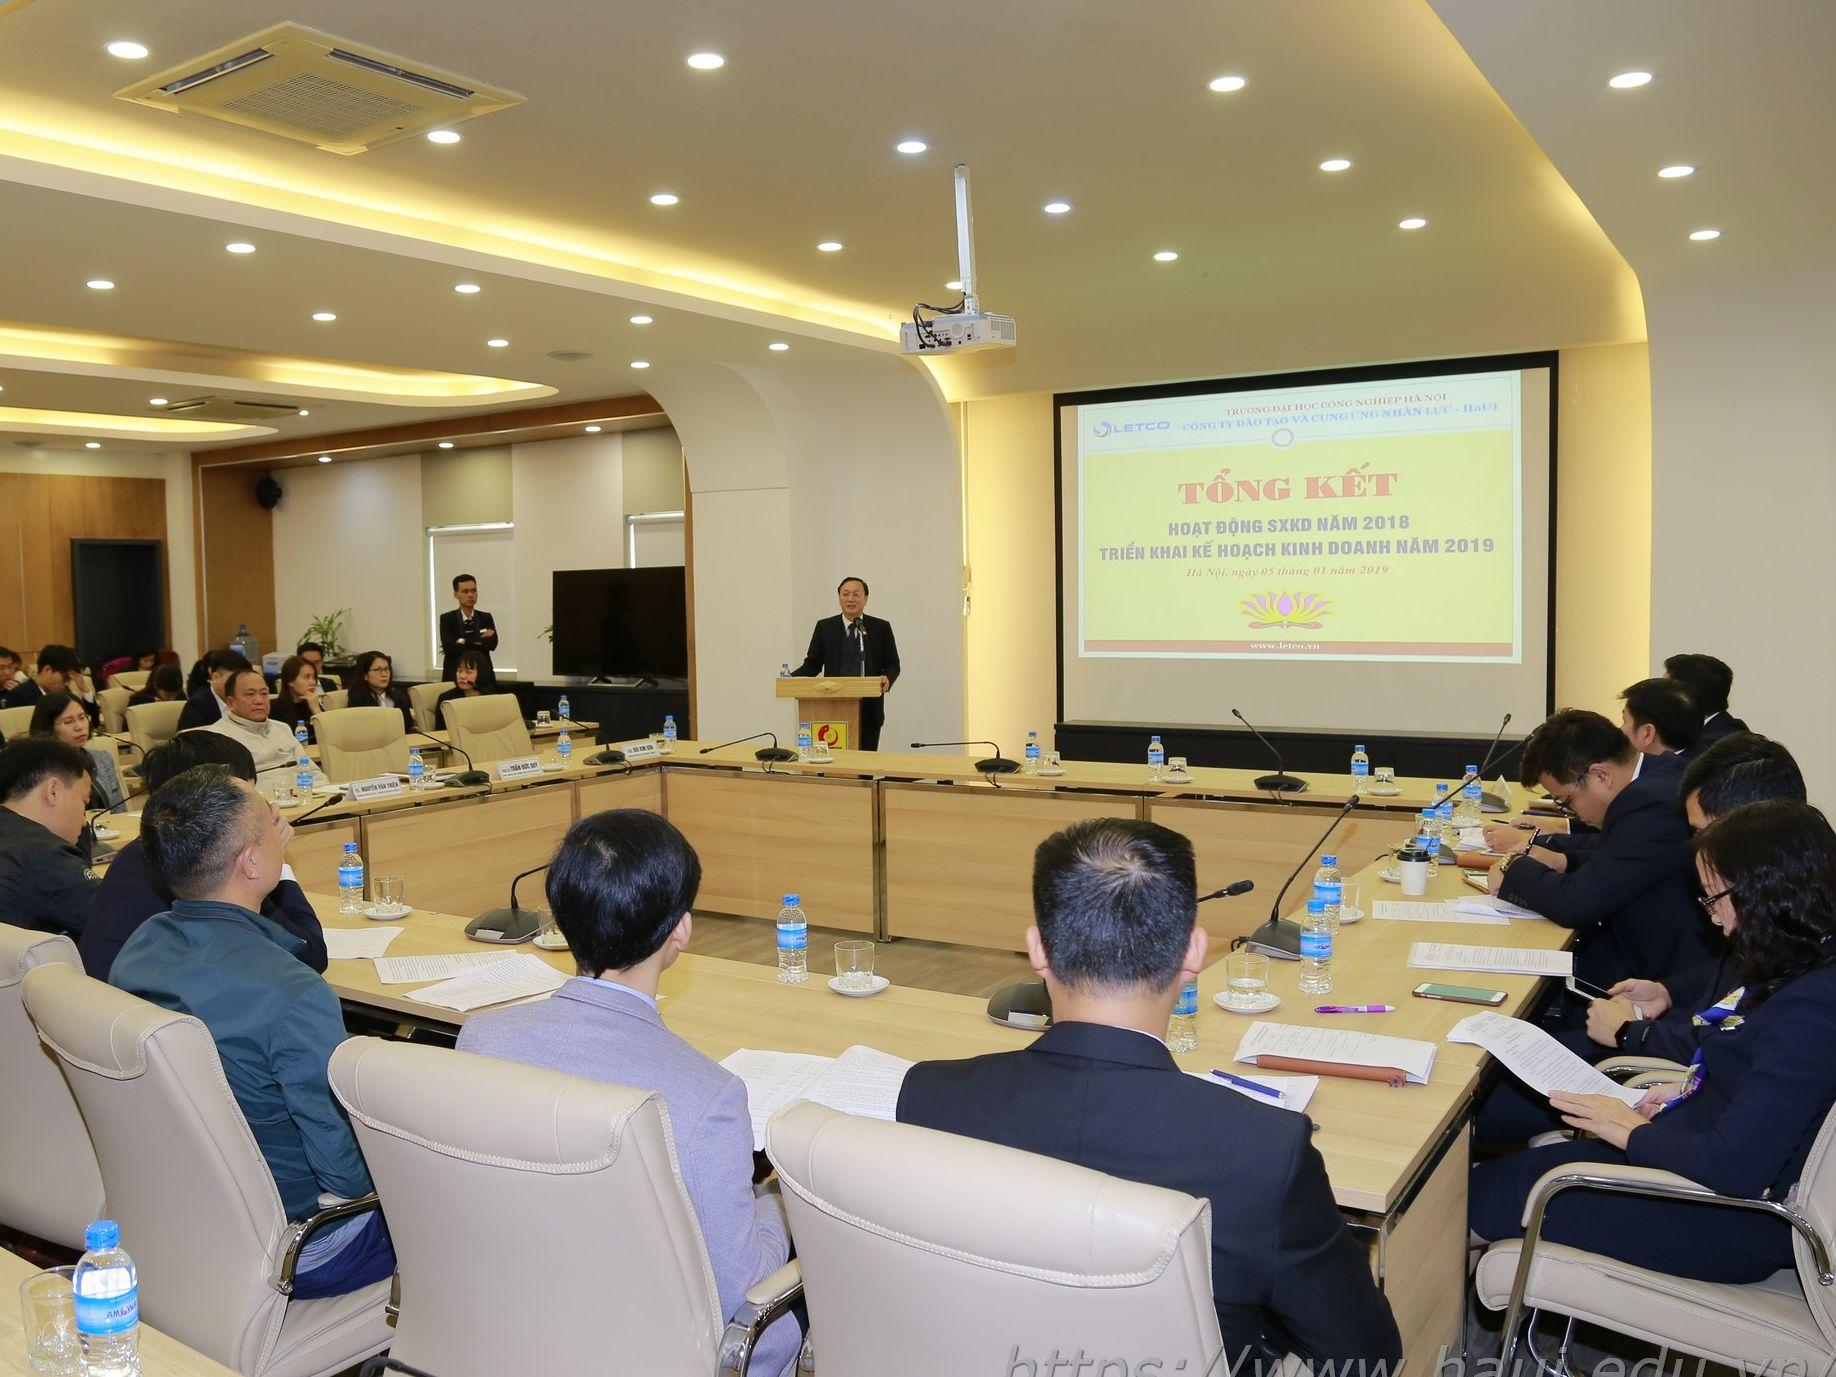 Hội nghị Tổng kết hoạt động sản xuất kinh doanh Công ty Letco năm 2018